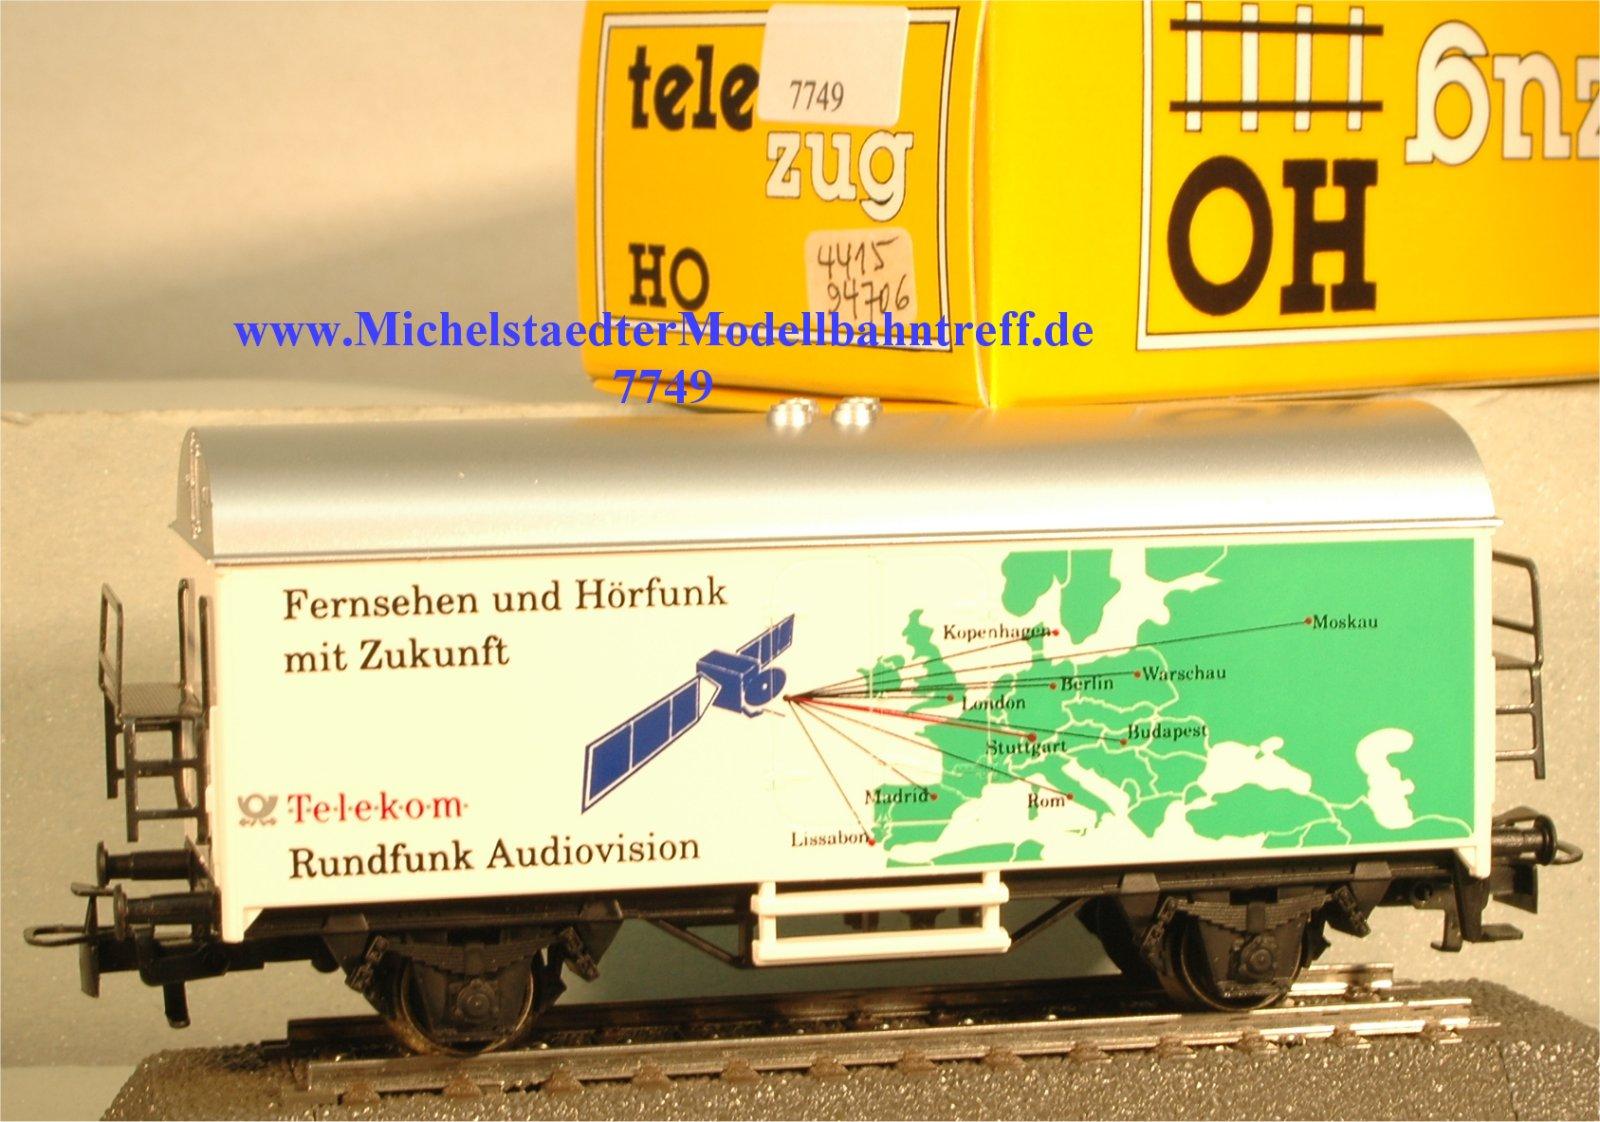 """Märklin 4415/94706 """"Fernsehen und Hörfunk mit..."""", (7749)"""